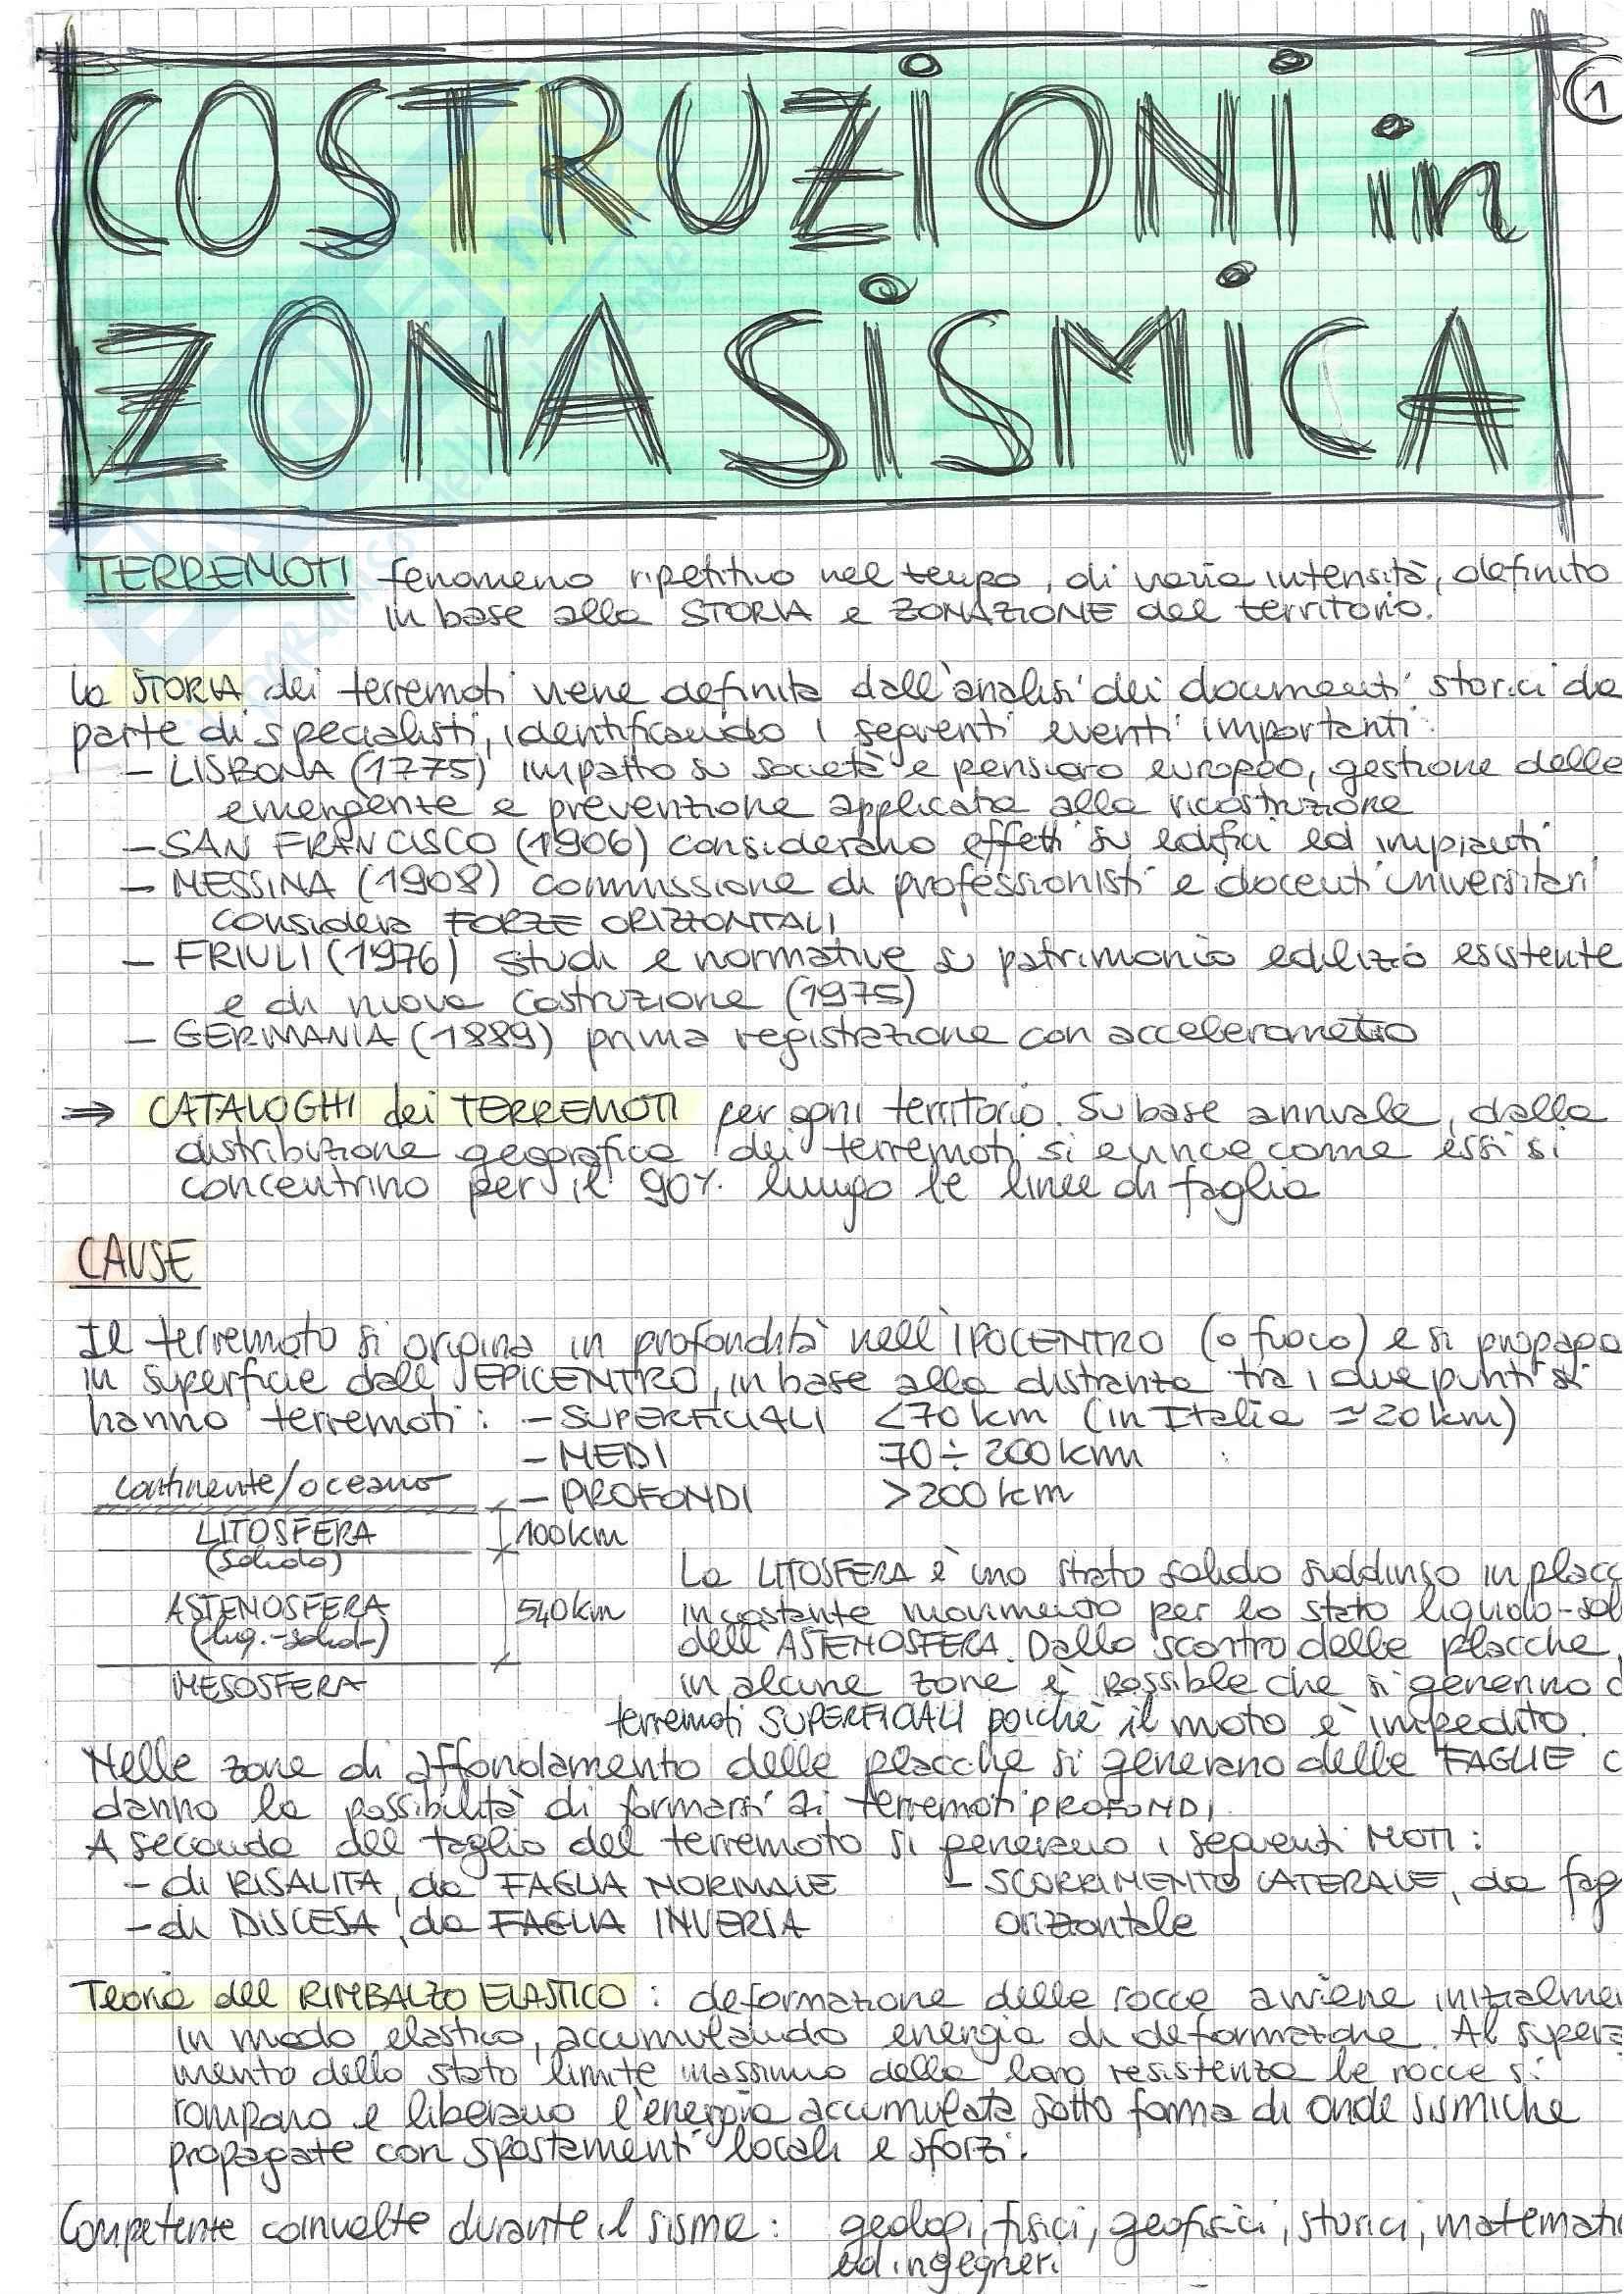 Costruzioni In Zona Sismica - Teoria